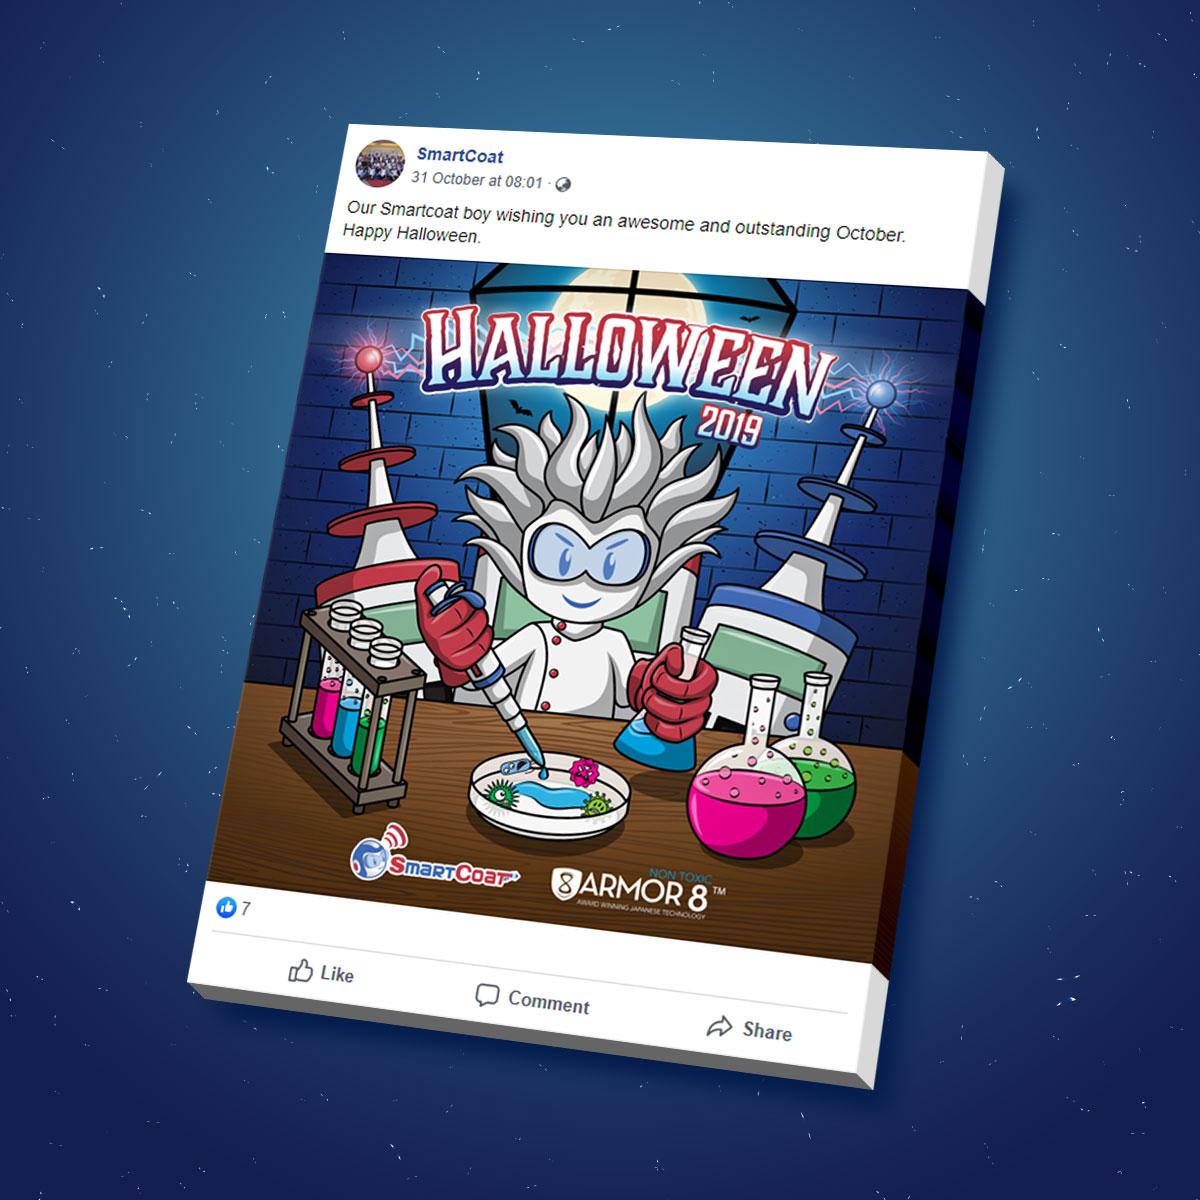 SmartCoat and Armor8 Halloween 2019 Facebook Post Design 03